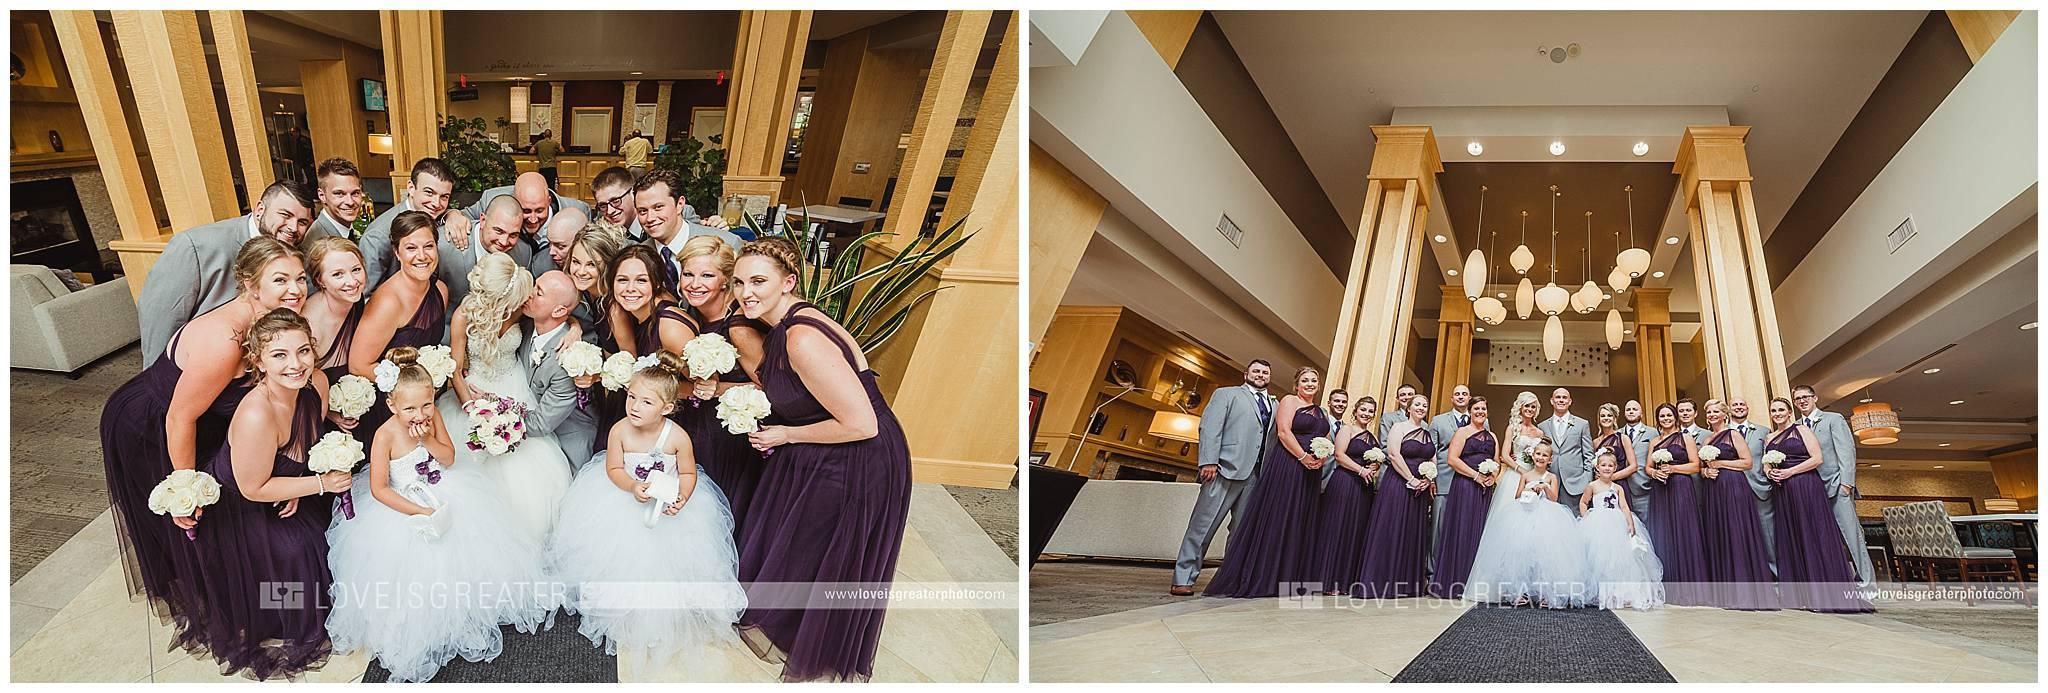 Hilton Garden Inn Toledo Wedding Photographer | Lacourse Wedding